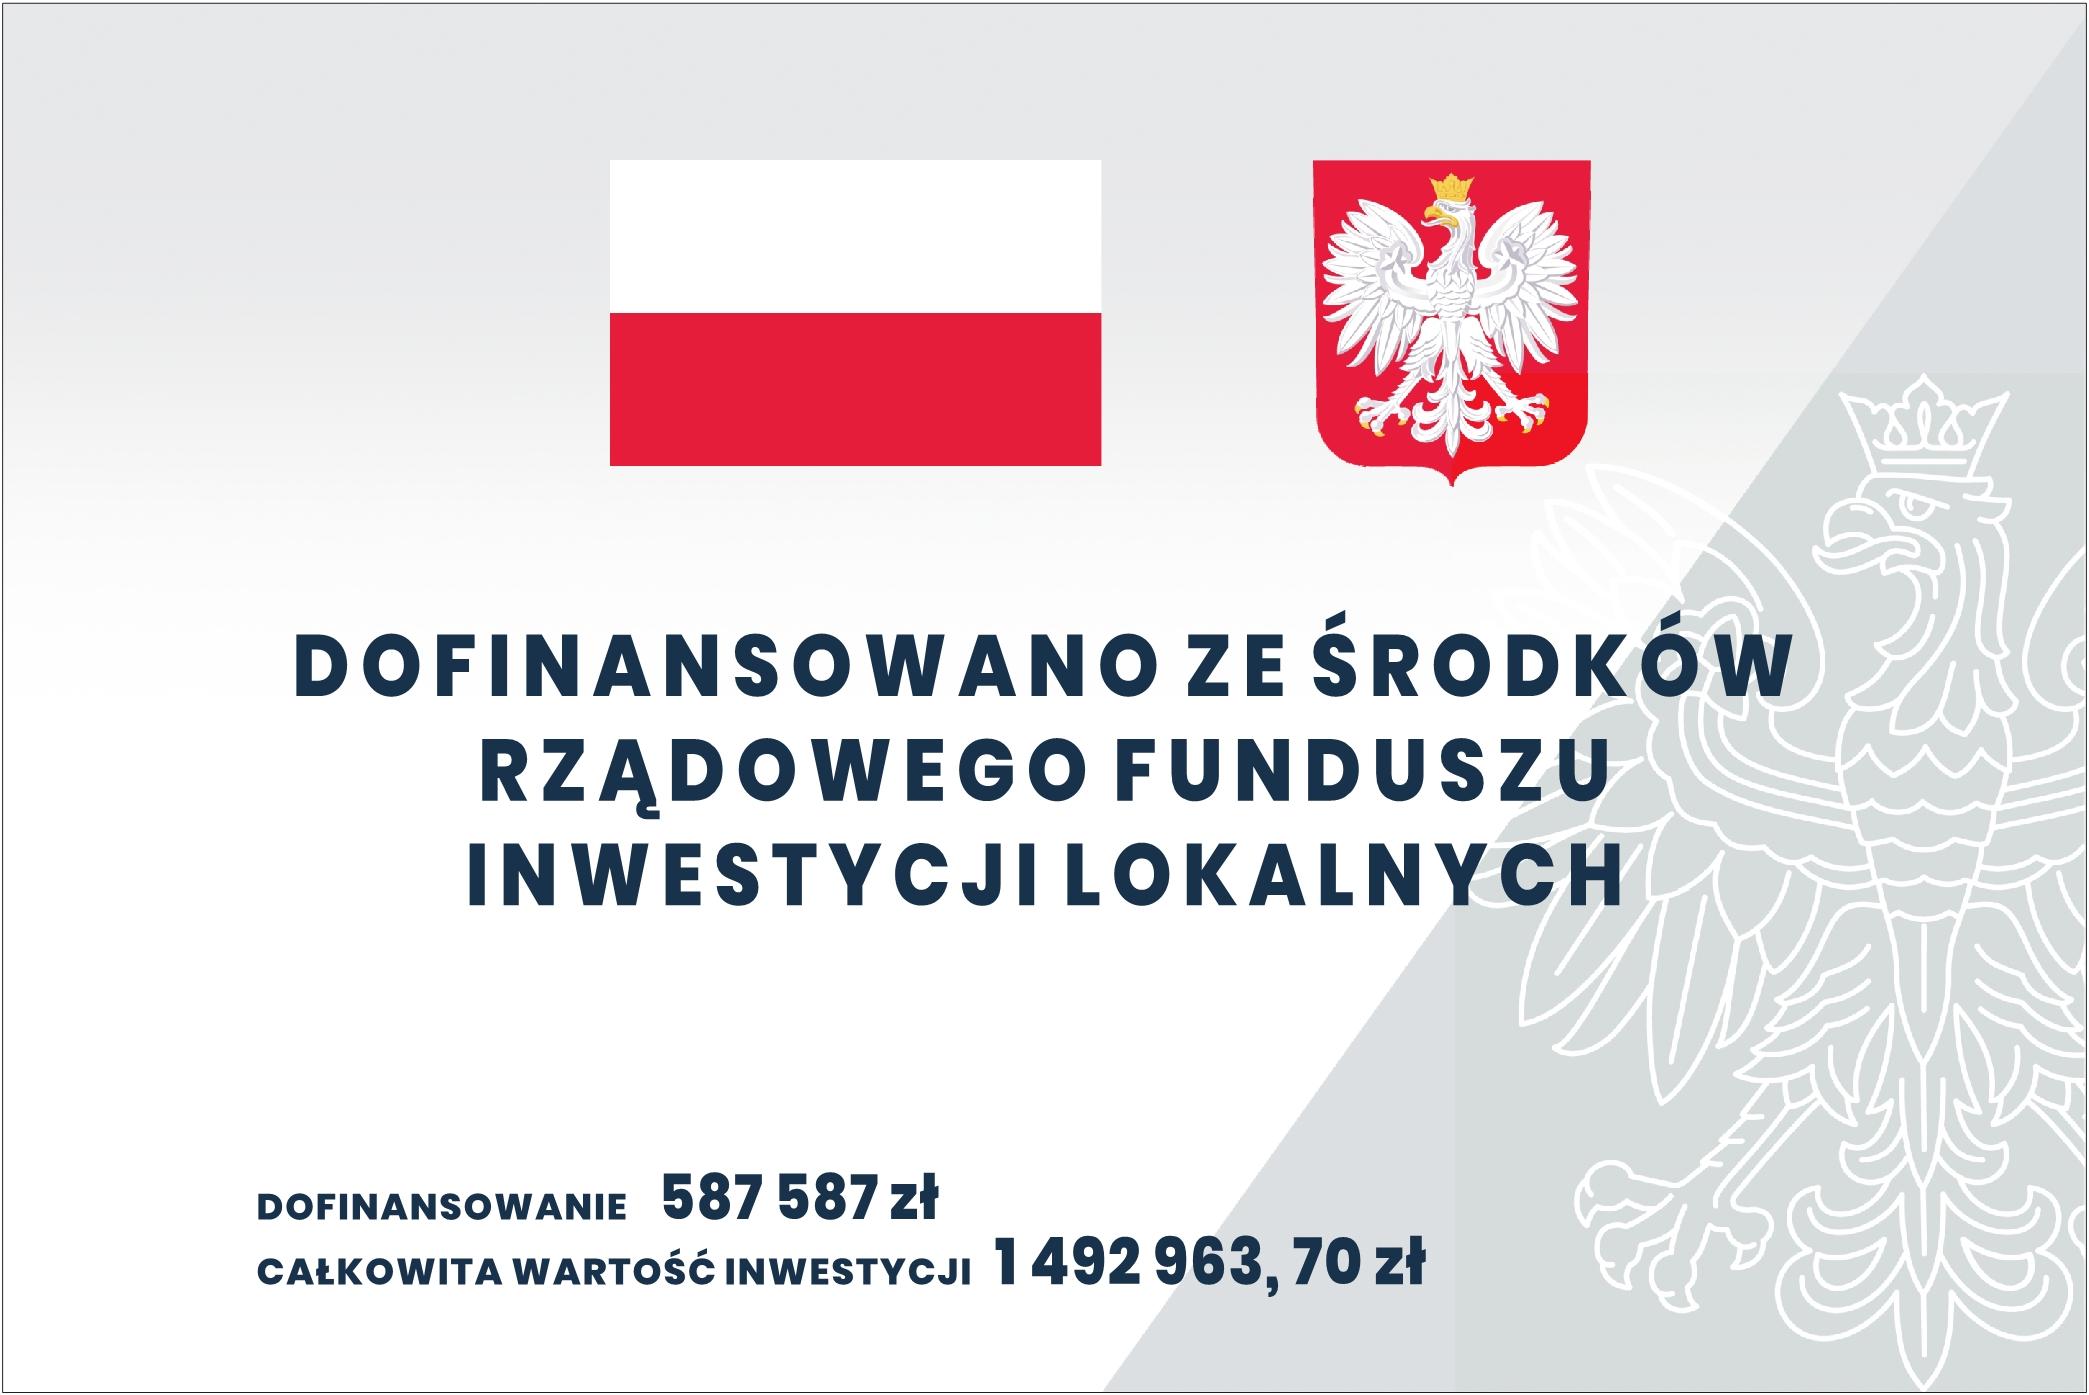 Gmina Gryfów Śląski otrzymała wsparcie finansowe ze środków Rządowego Funduszu Inwestycji Lokalnych.